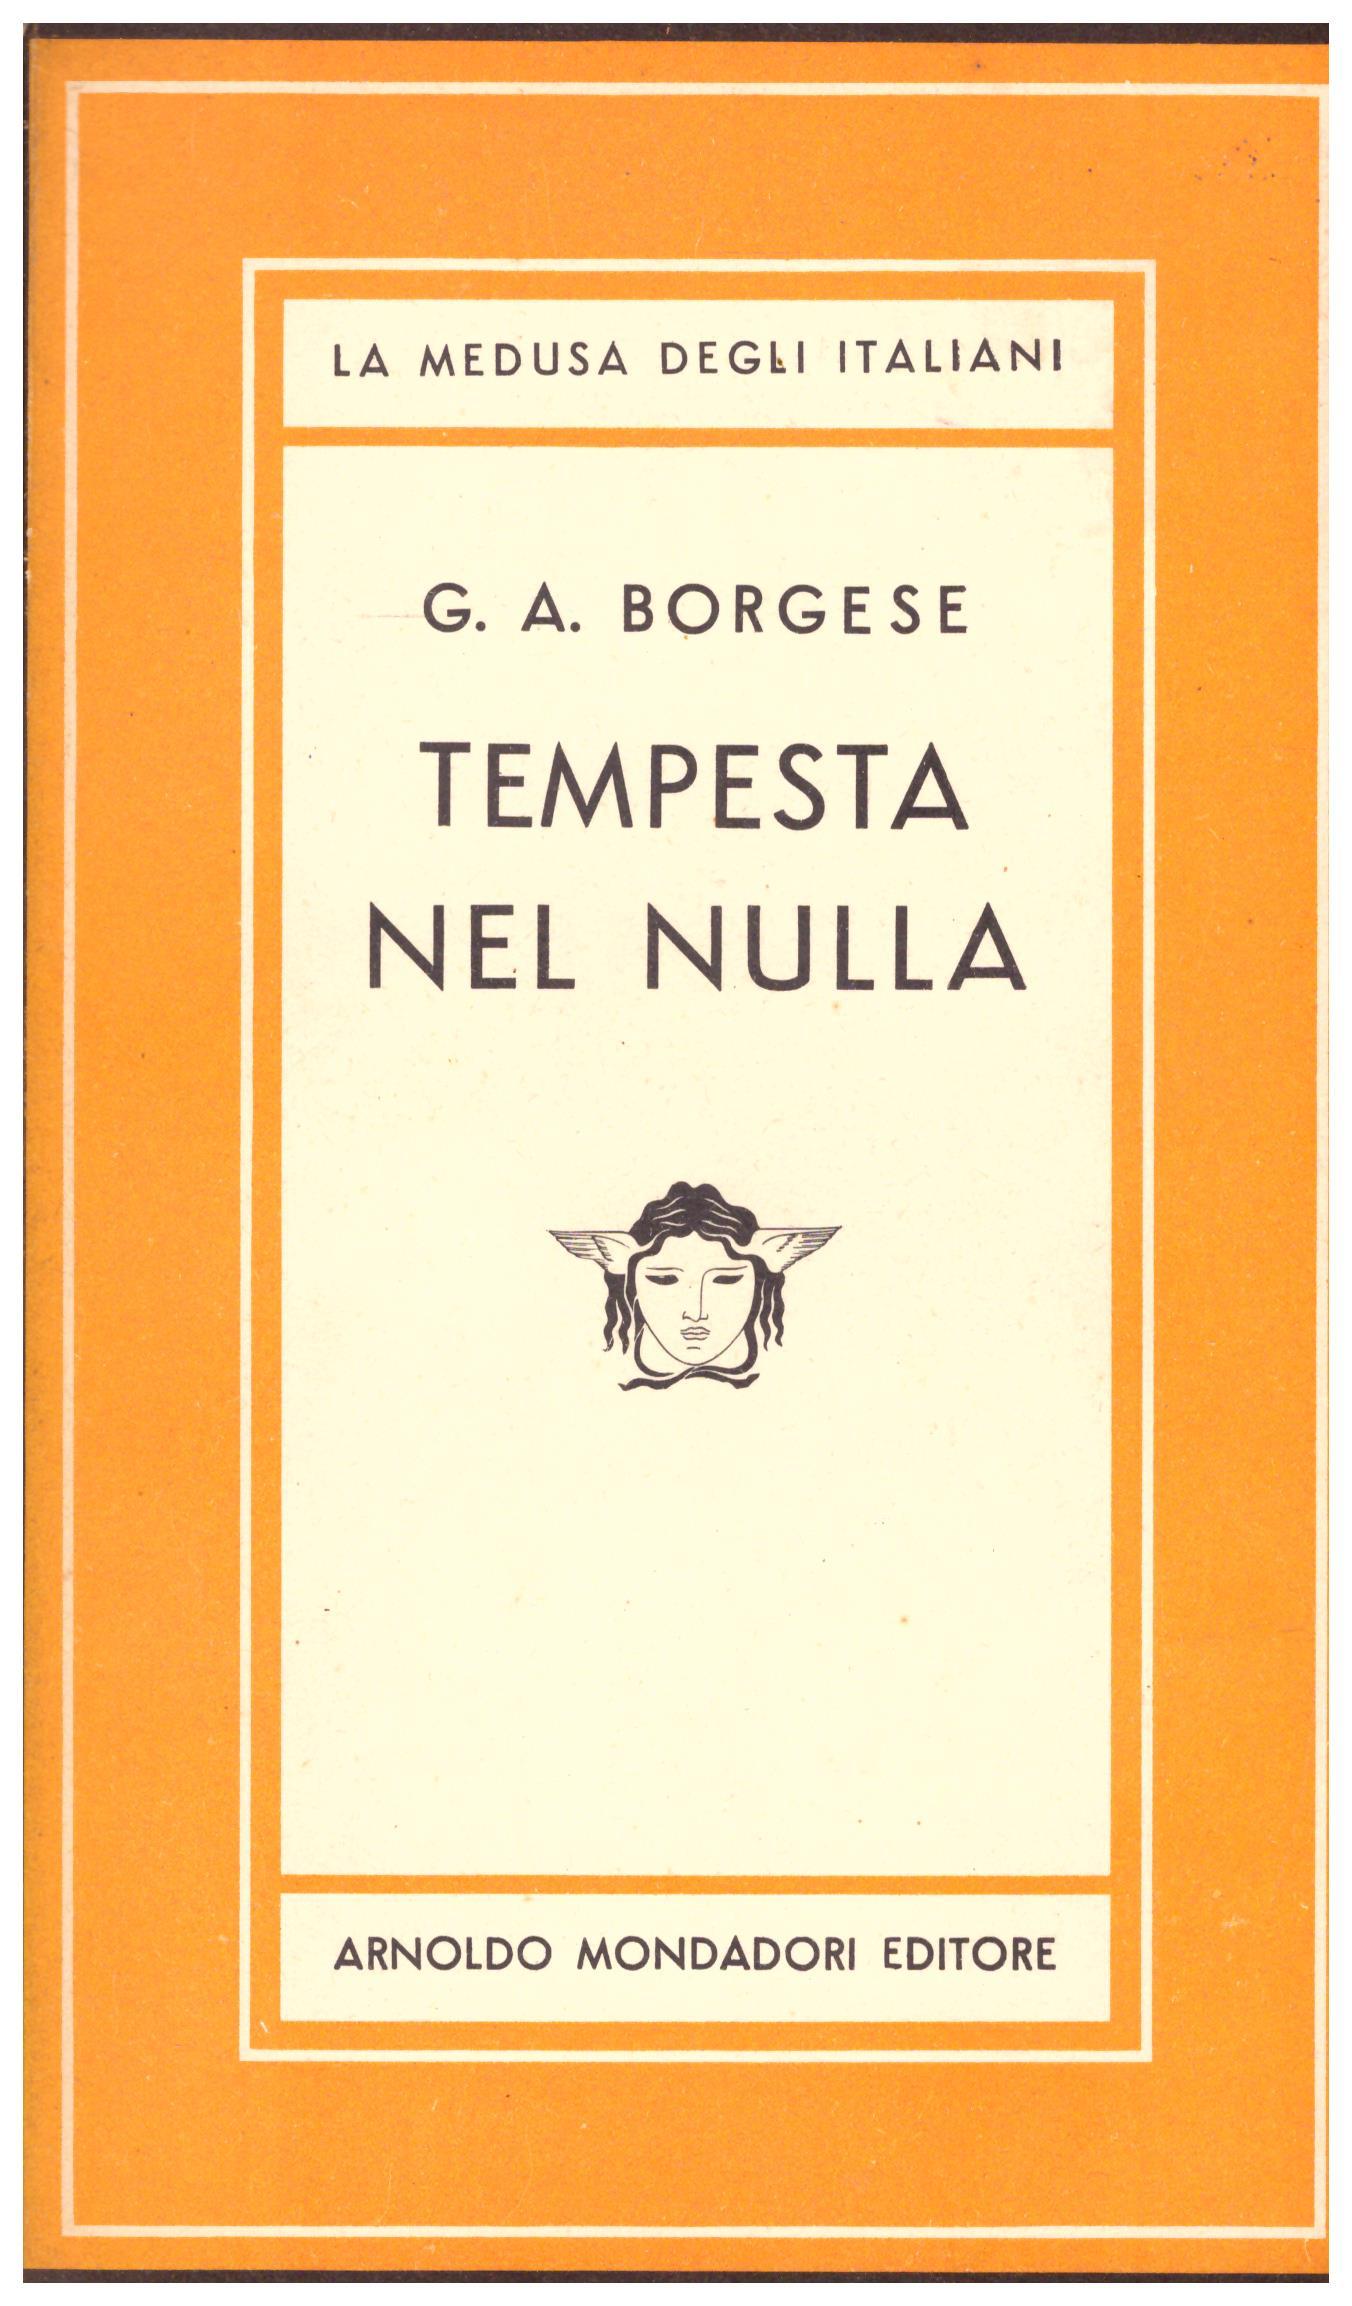 Titolo: Tempesta nel nulla volume secondo  Autore: G. A. Borgese  Editore: mondadori maggio 1950 PRIMA EDIZIONE